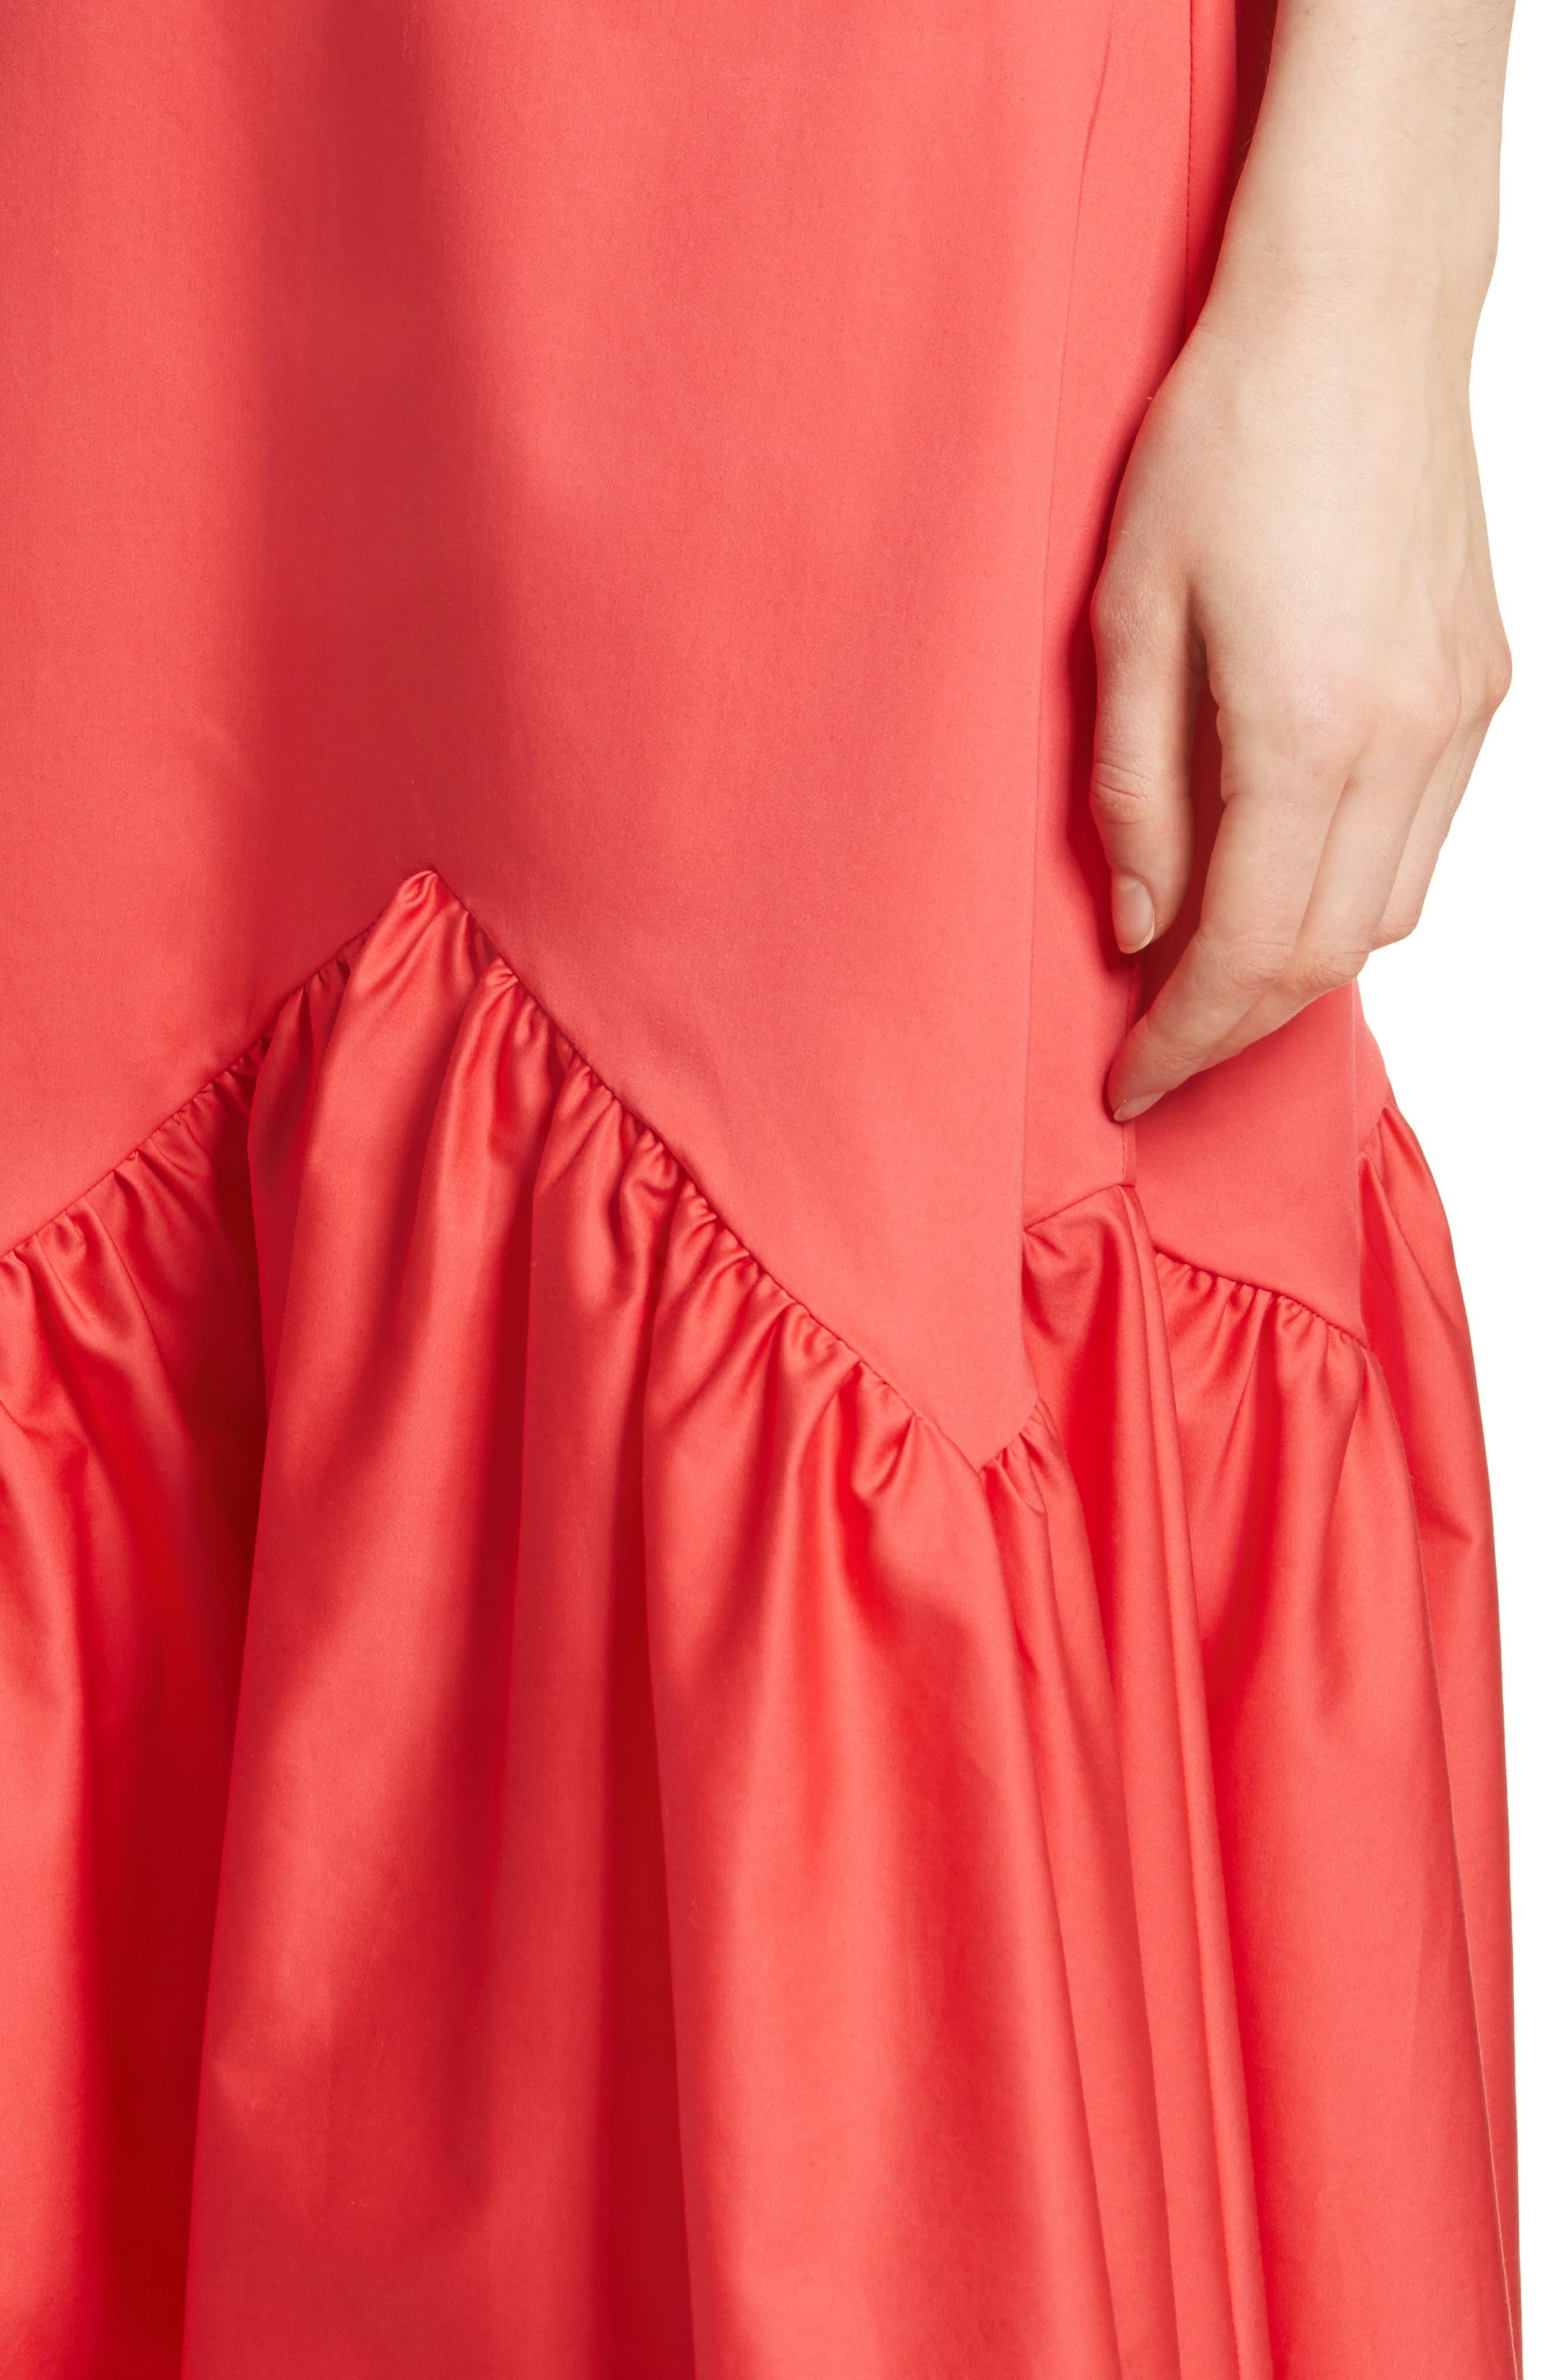 Prose & Poetry Tyra Midi Skirt,                             Alternate thumbnail 4, color,                             621